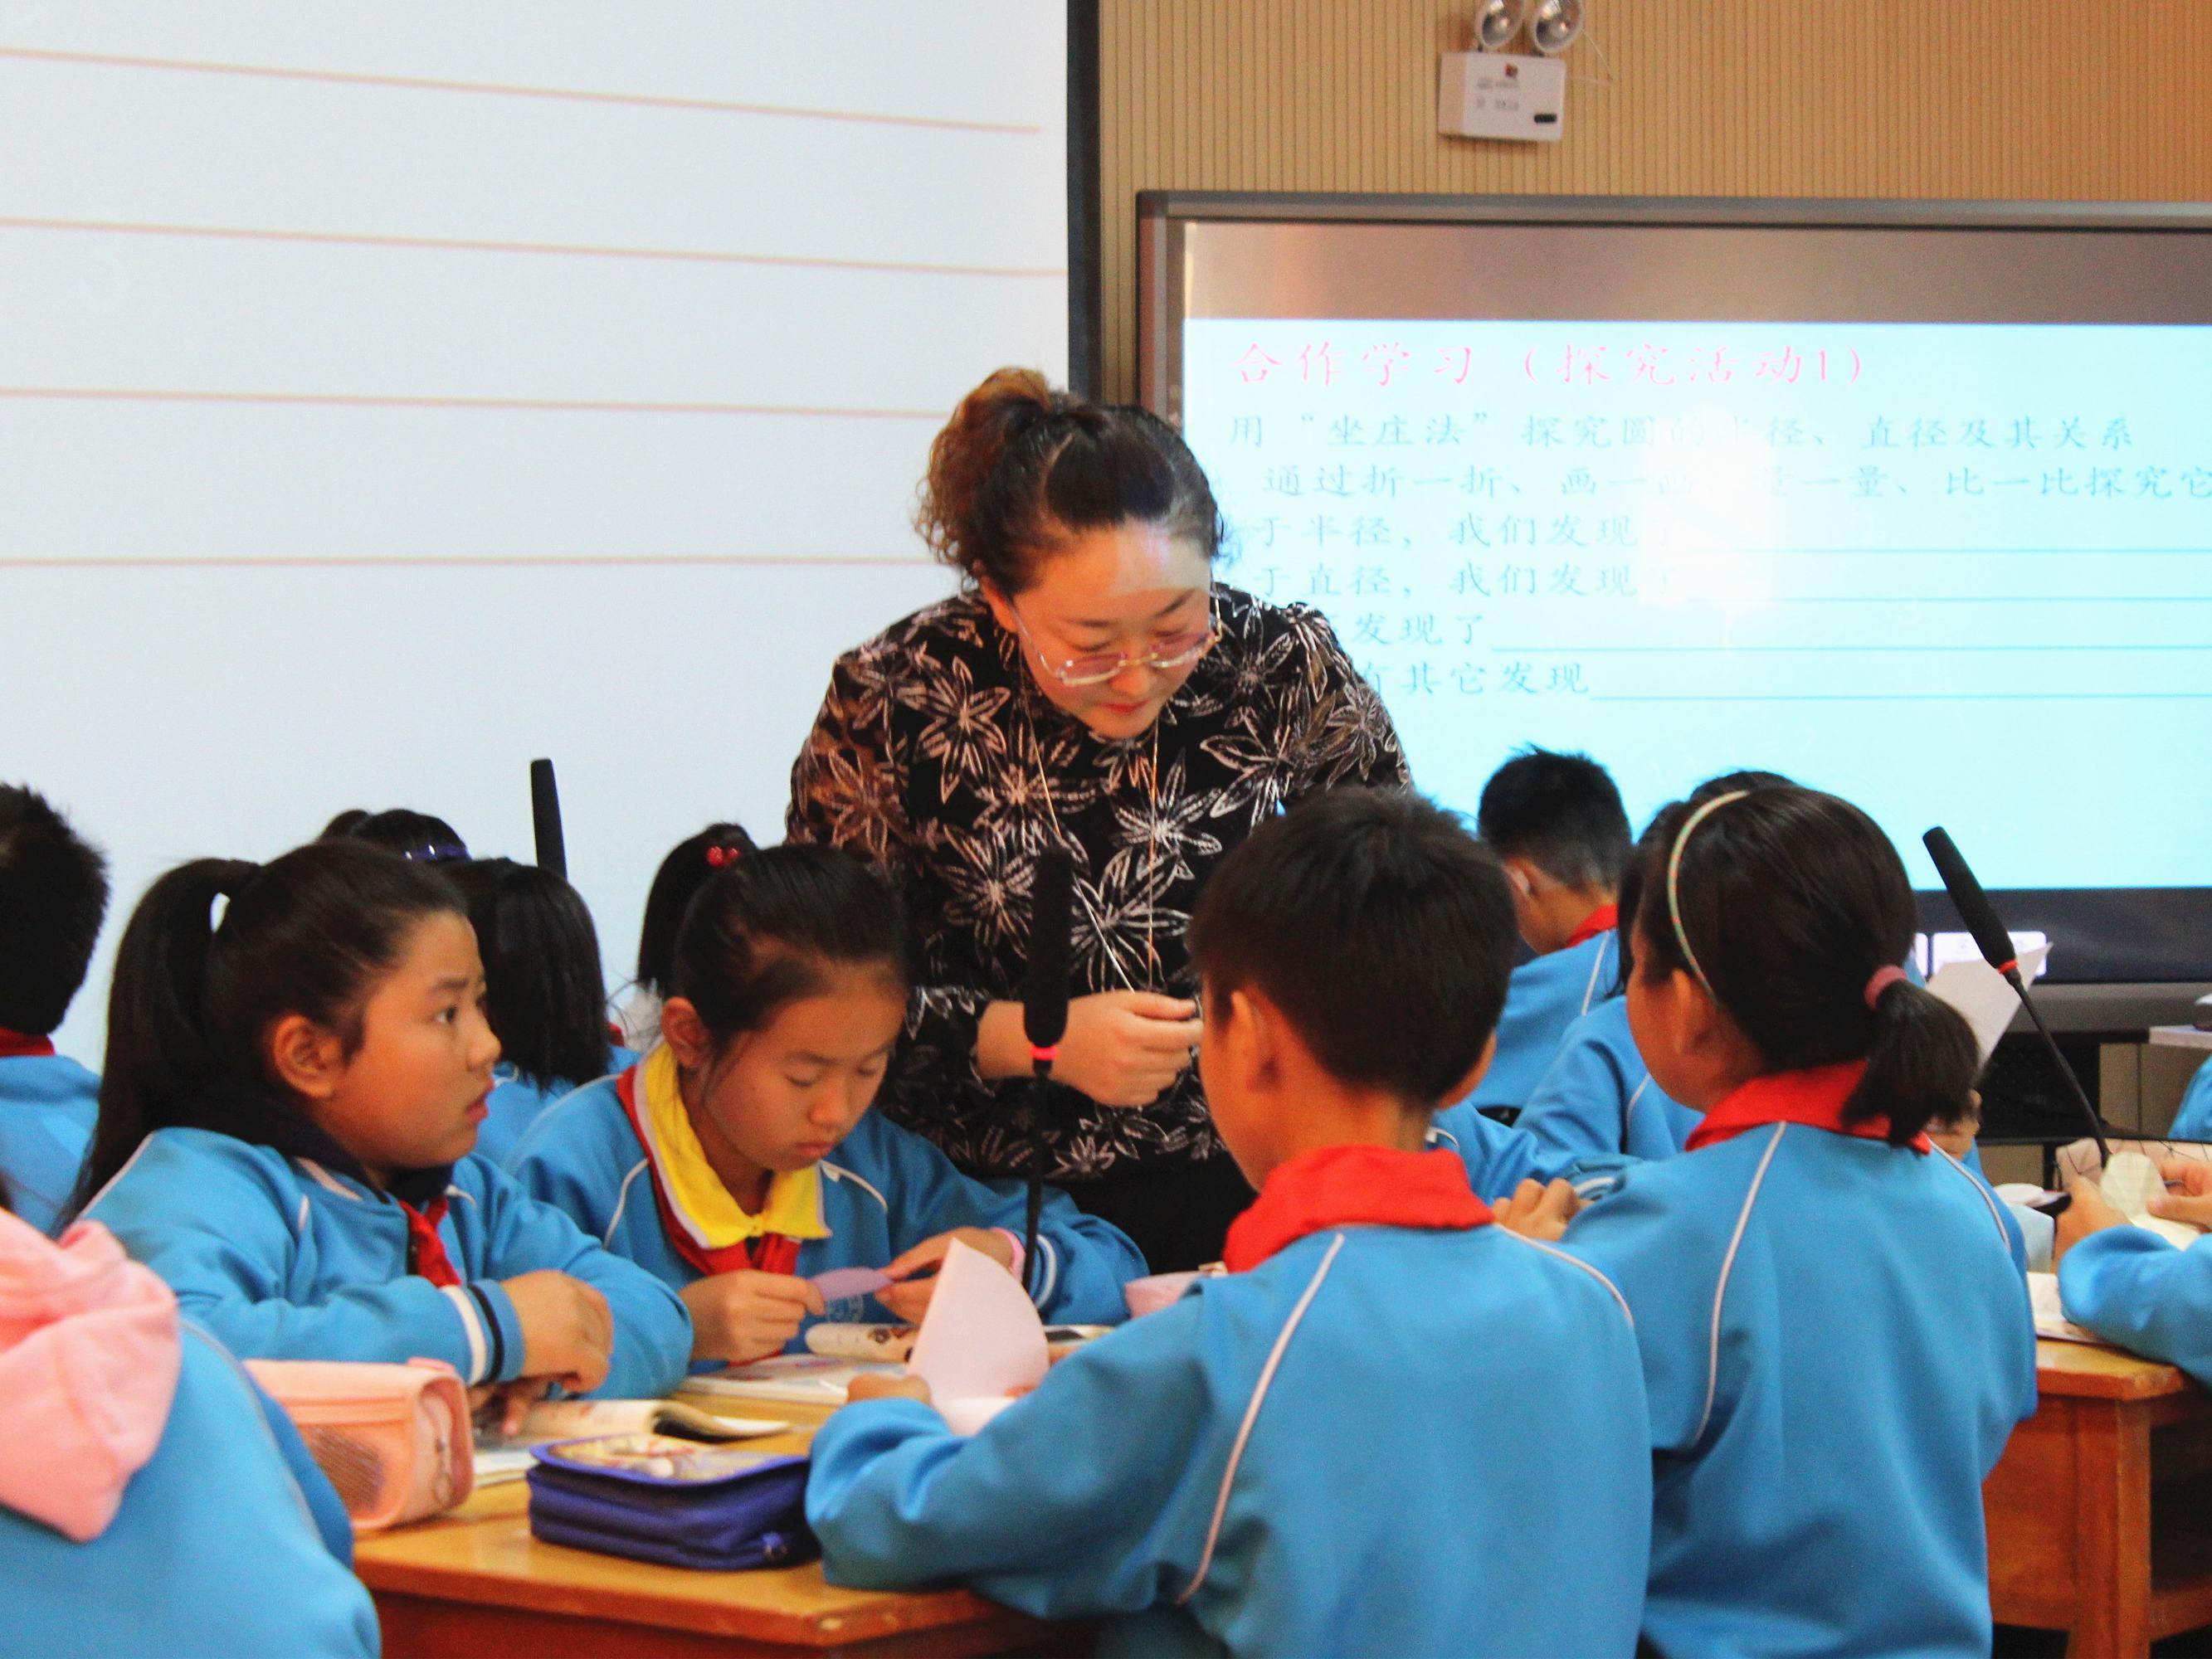 2 - 西夏区组织中小学提升教育质量和管理水平咨询服务项目成果展示活动